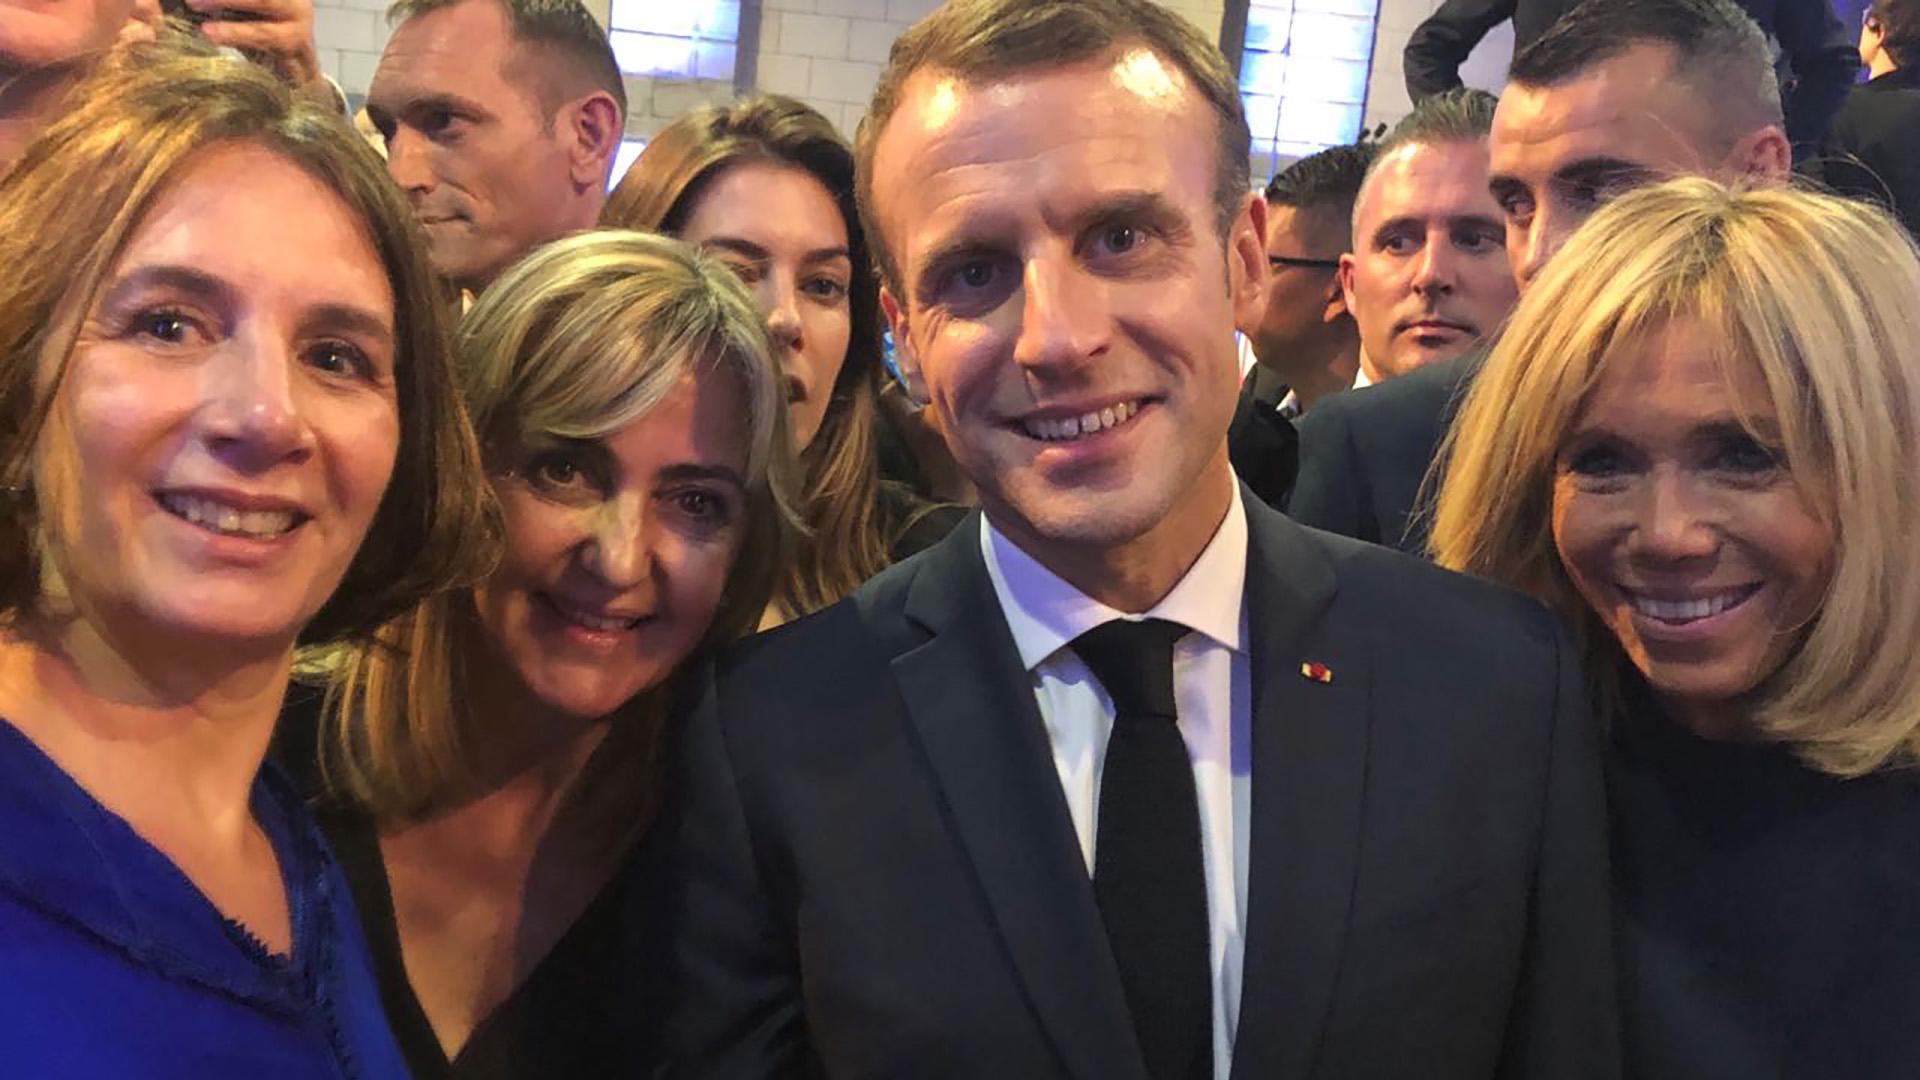 Dominique Biquard (Identia, Marianne) y Alejandra Alberdi (vicepresidente de AySA) con el presidente Macron y su esposa Brigitte